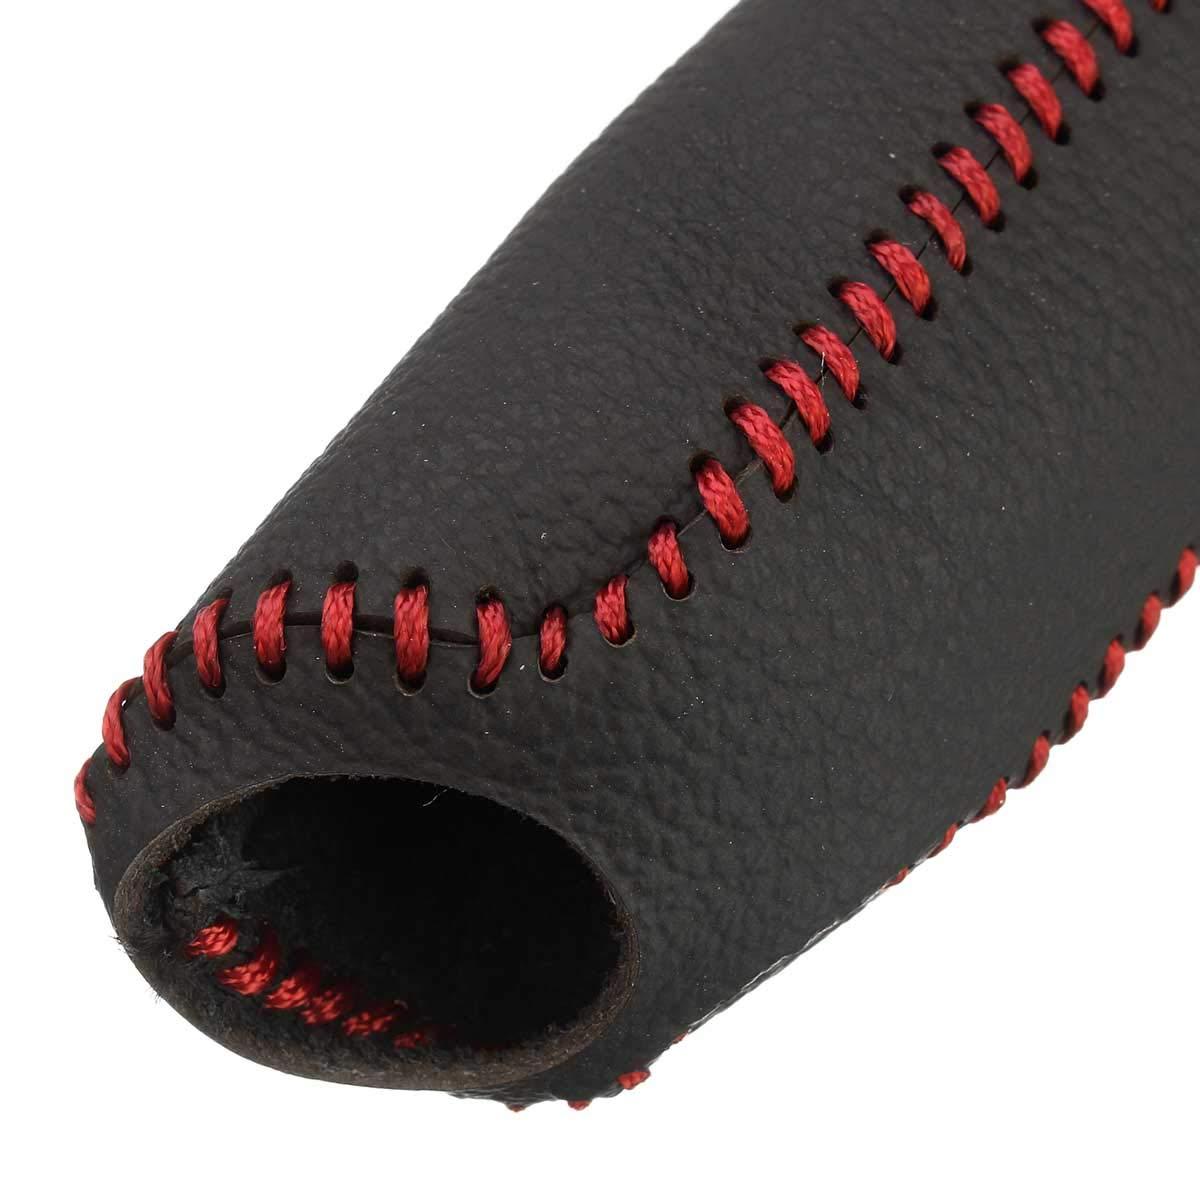 Negro Rojo AAlamor Cuero Genuino Coche De La Cubierta del Freno De Mano del Freno Manual De La Funda Protectora Antideslizante para Honda Civic//Accord